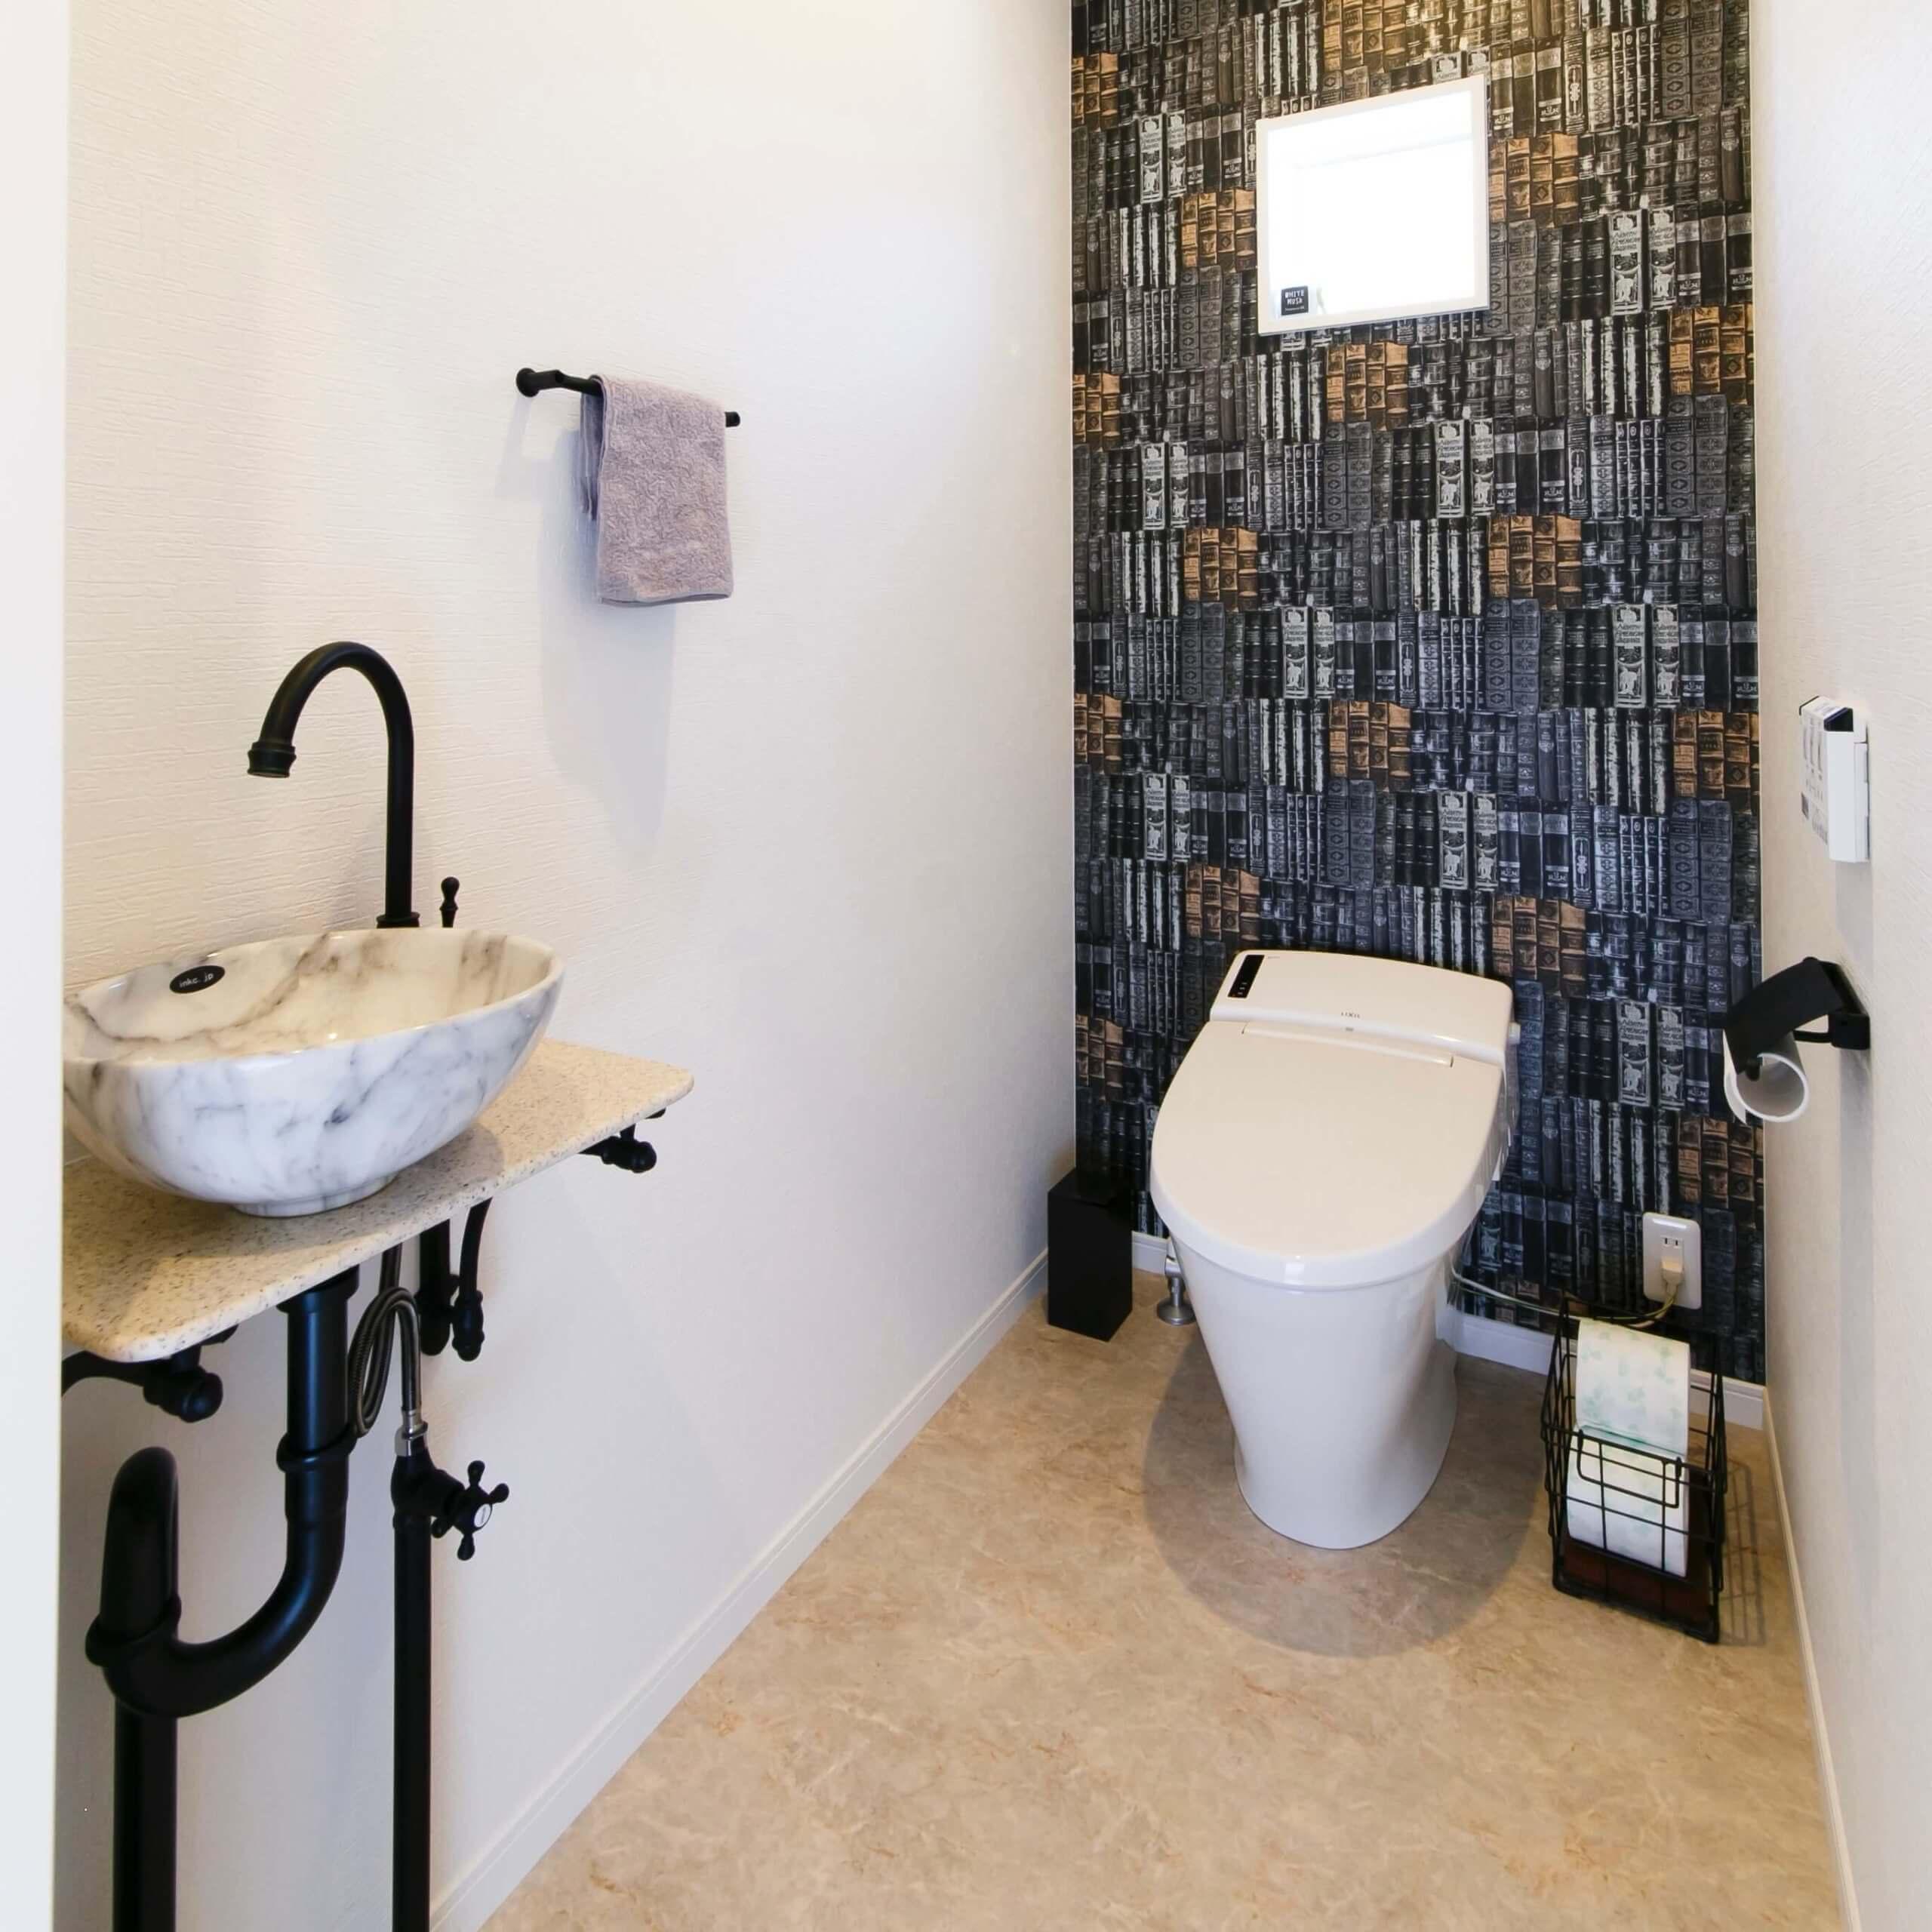 宇都宮市の注文住宅事例 トイレ